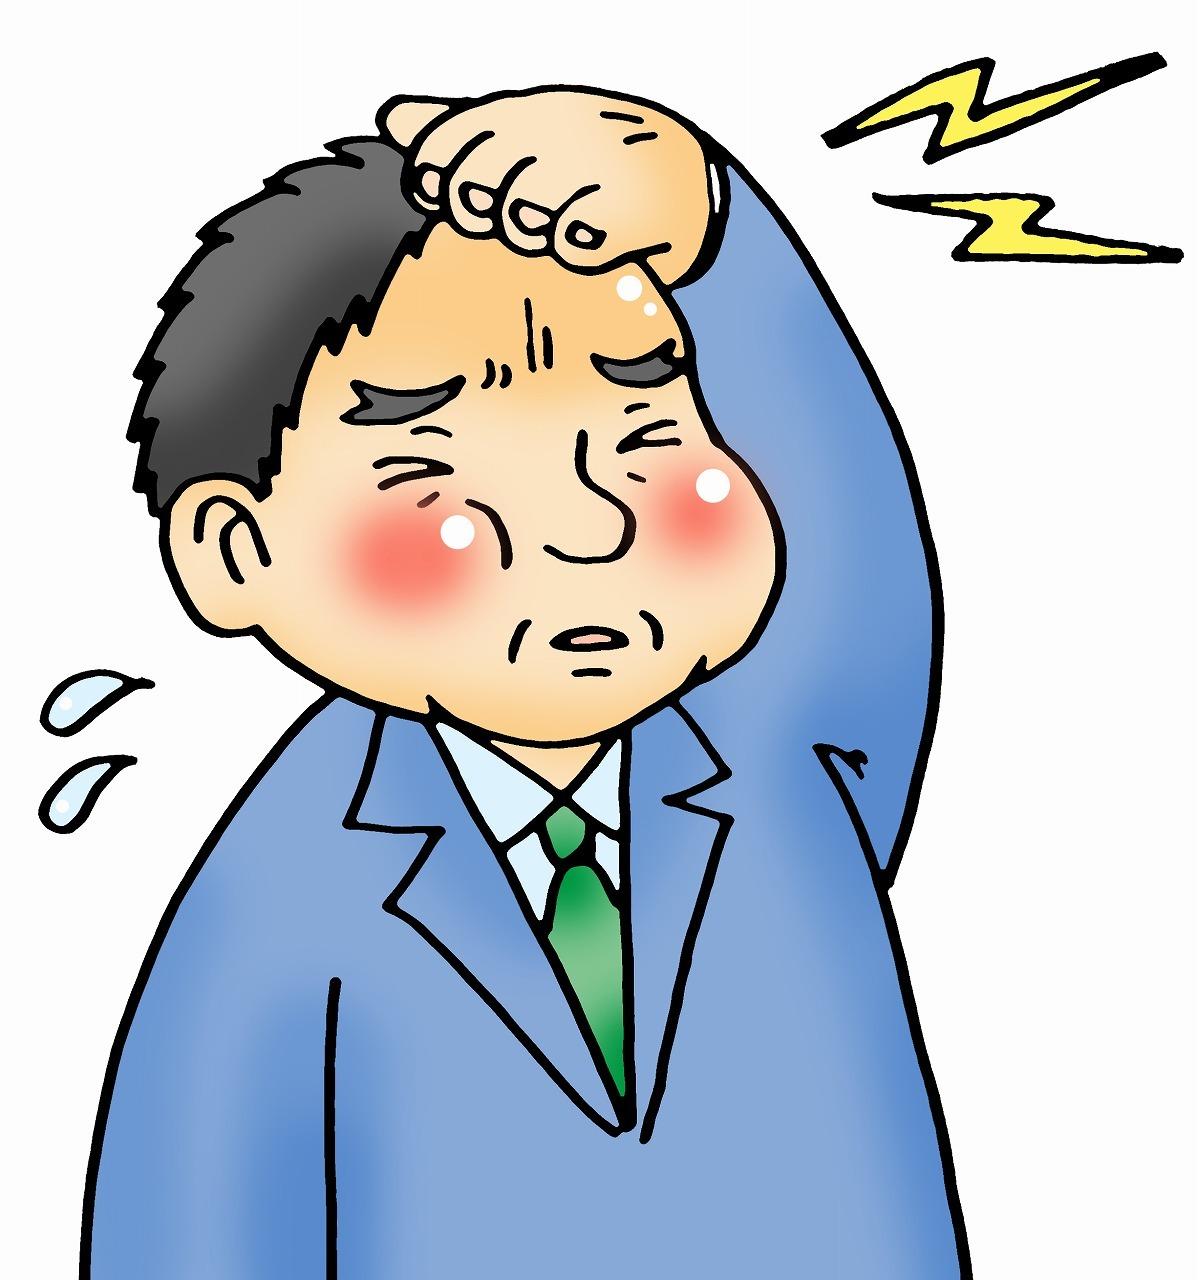 心筋梗塞後の後遺症である胸痛と息切れとだるさが、髙木漢方(たかぎかんぽう)の漢方薬のおかげで、改善してきました。_f0135114_12113807.jpg